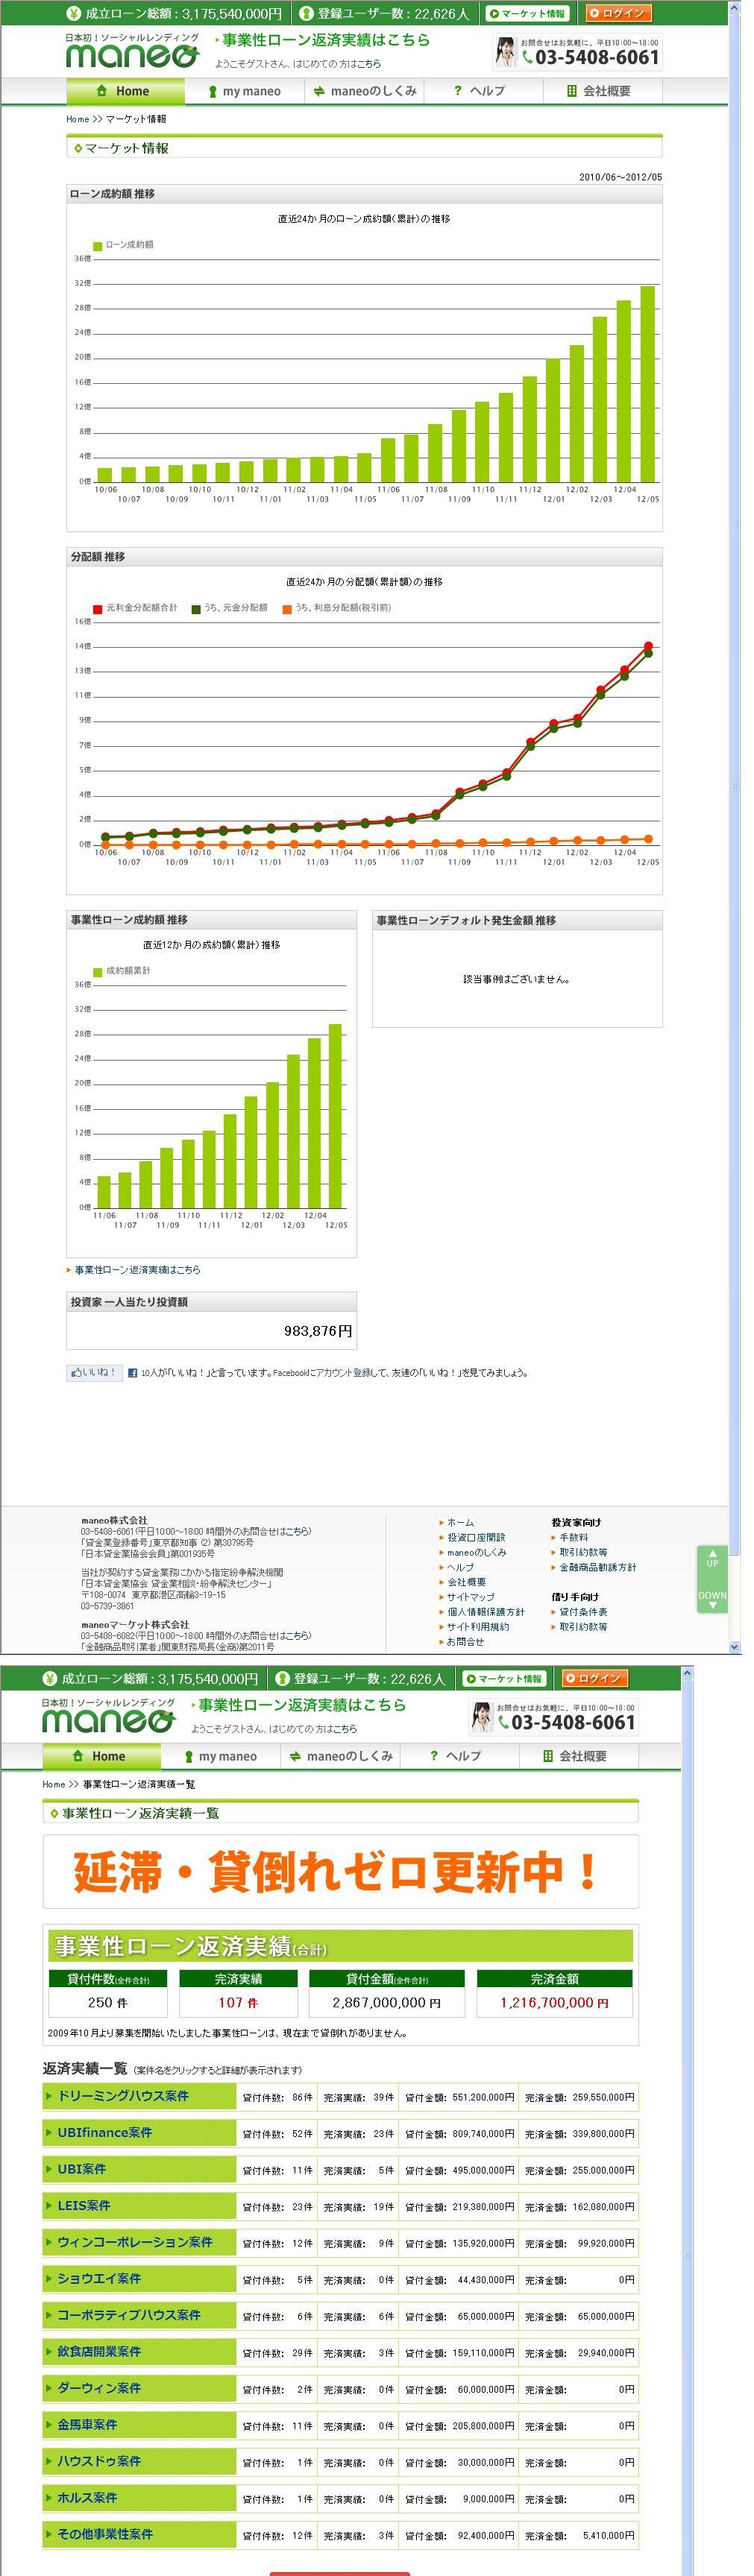 maneoマーケット情報201205